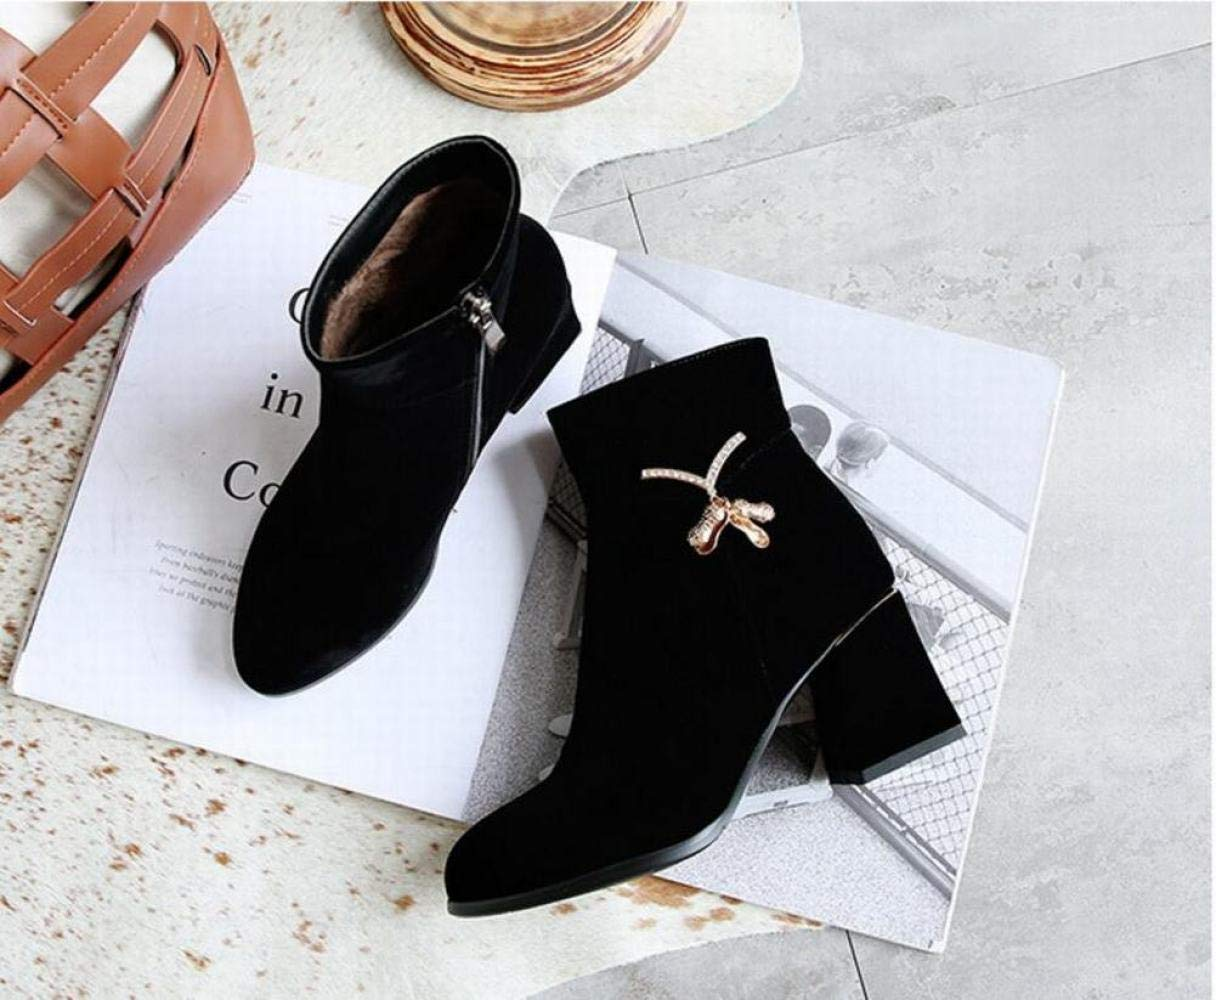 Stiefel Für Damen - Warme Hochhackige Stiefel Nubuk-Stiefeletten, 6.5 cm Spitze Stiefel Nubuk-Stiefeletten, Stiefel 33-43 f6eef4